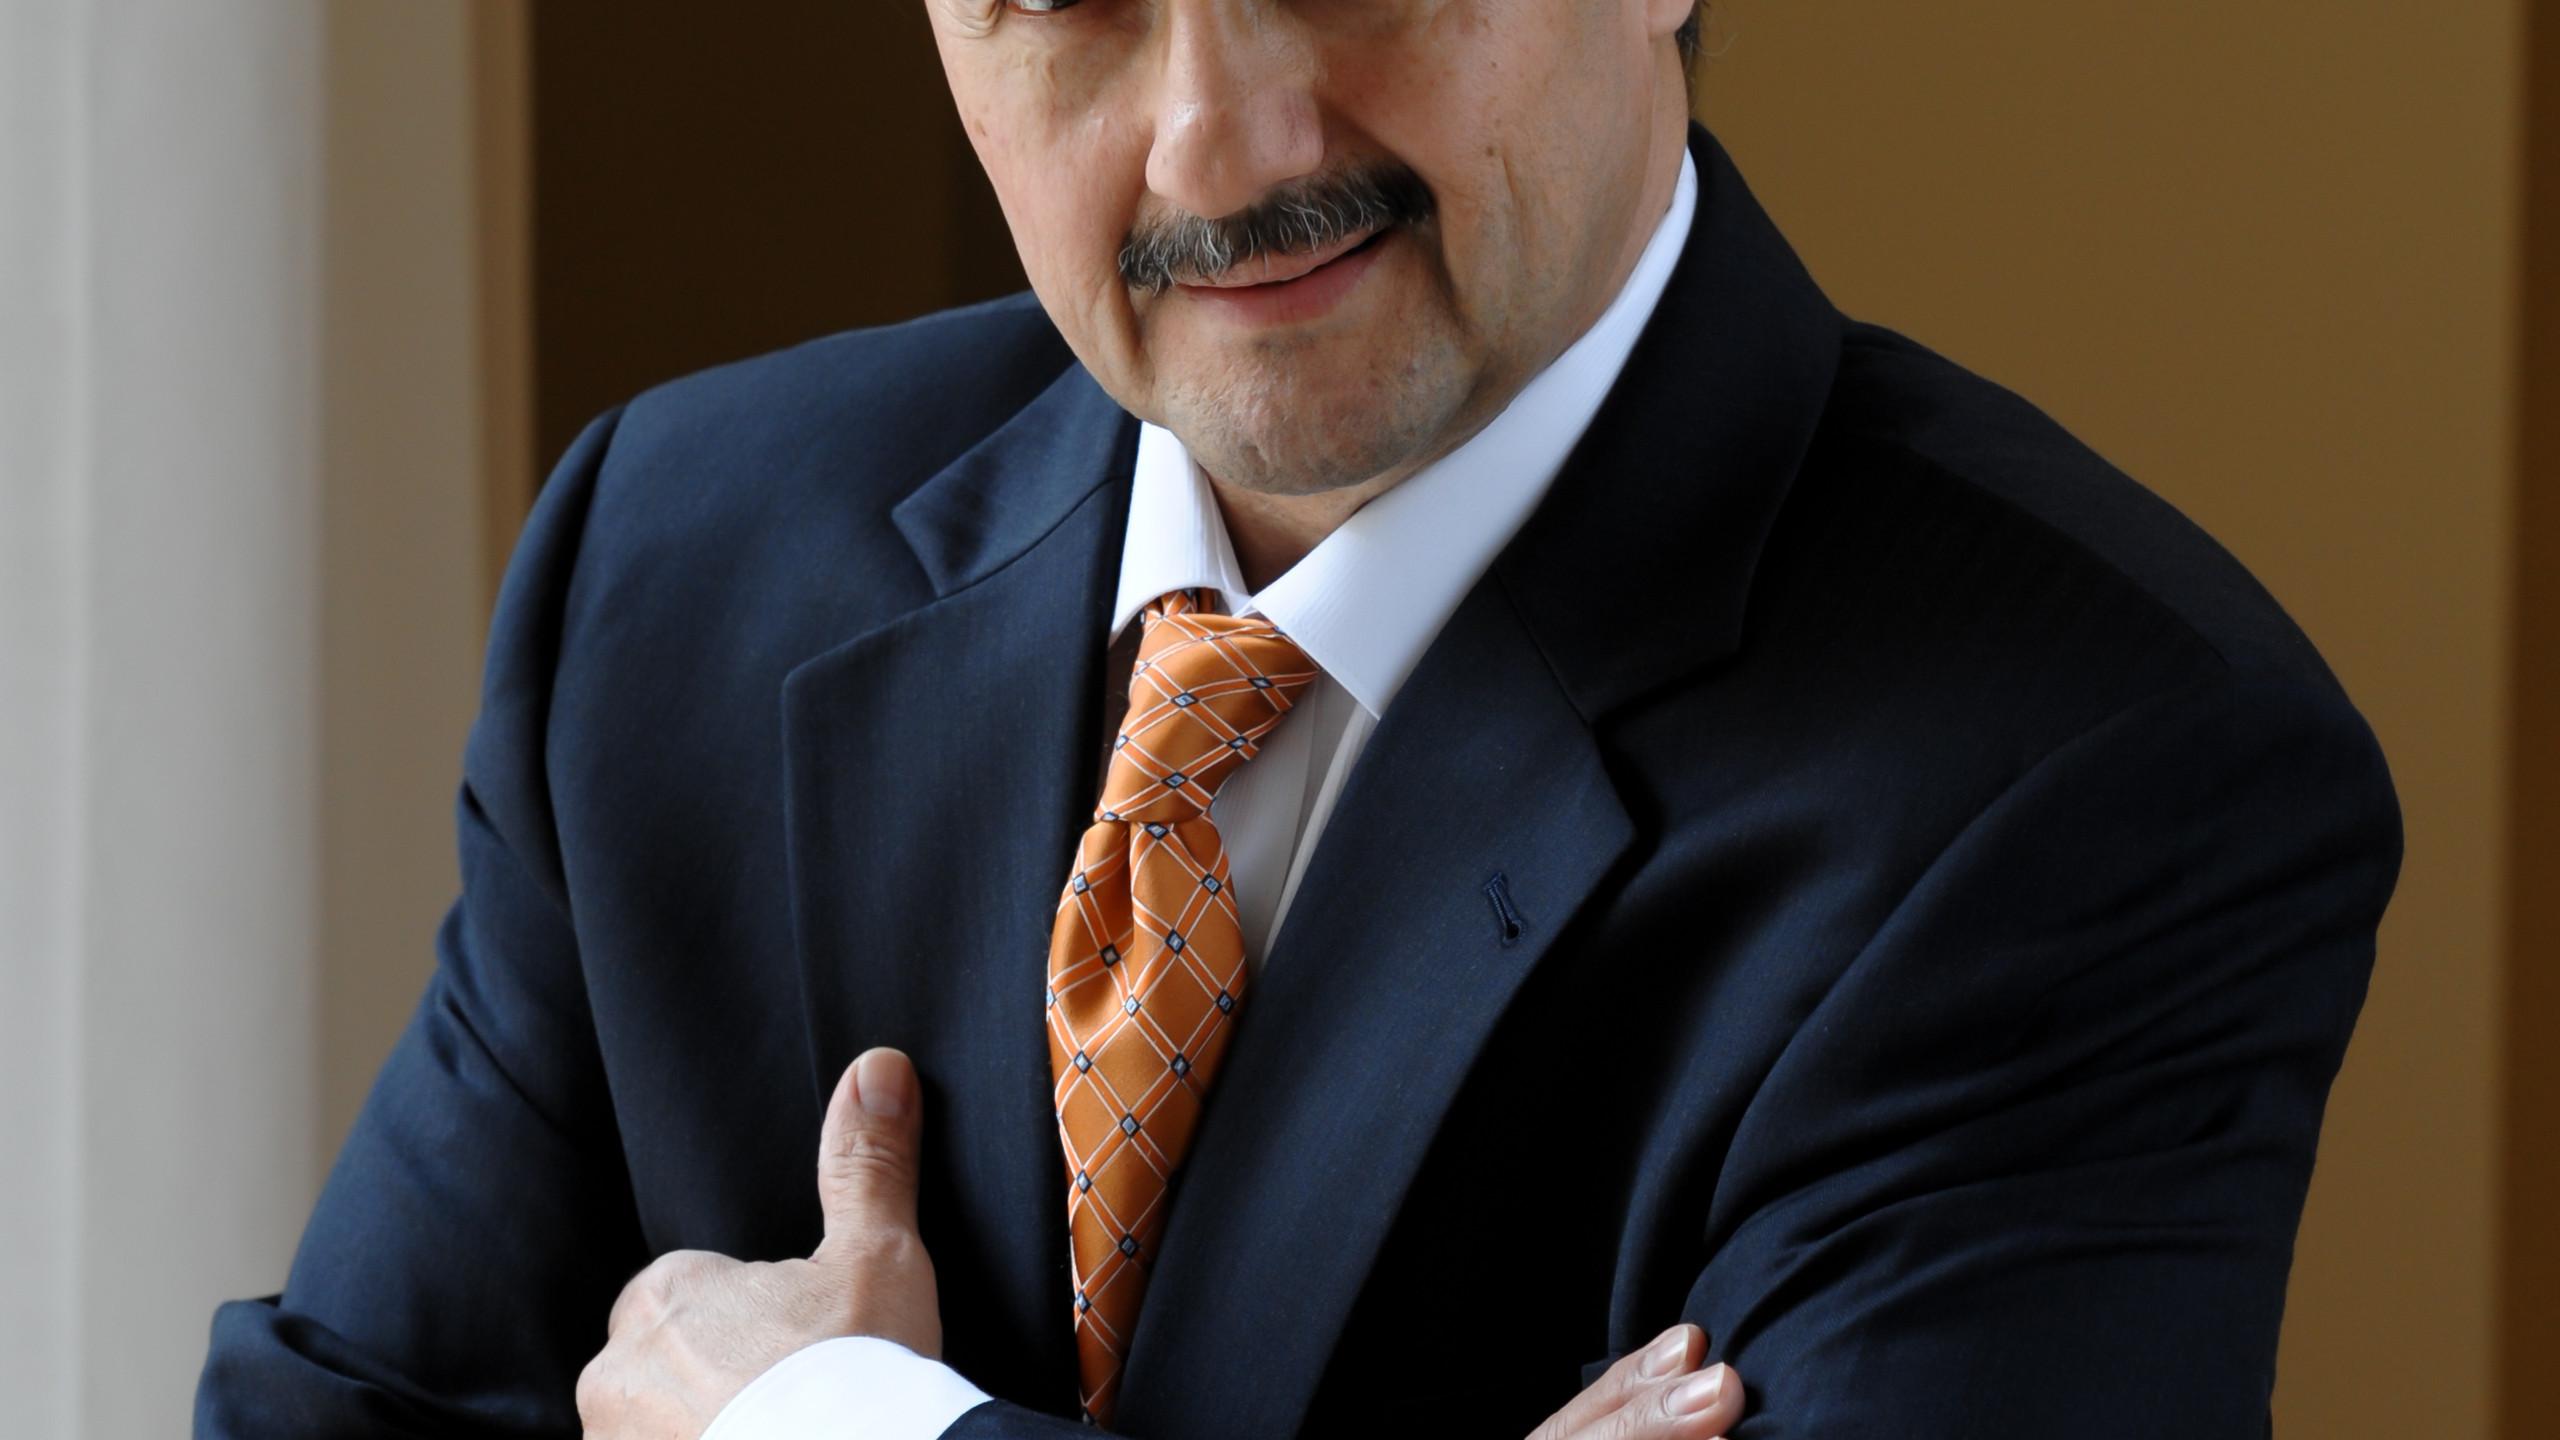 Xavier Suniga